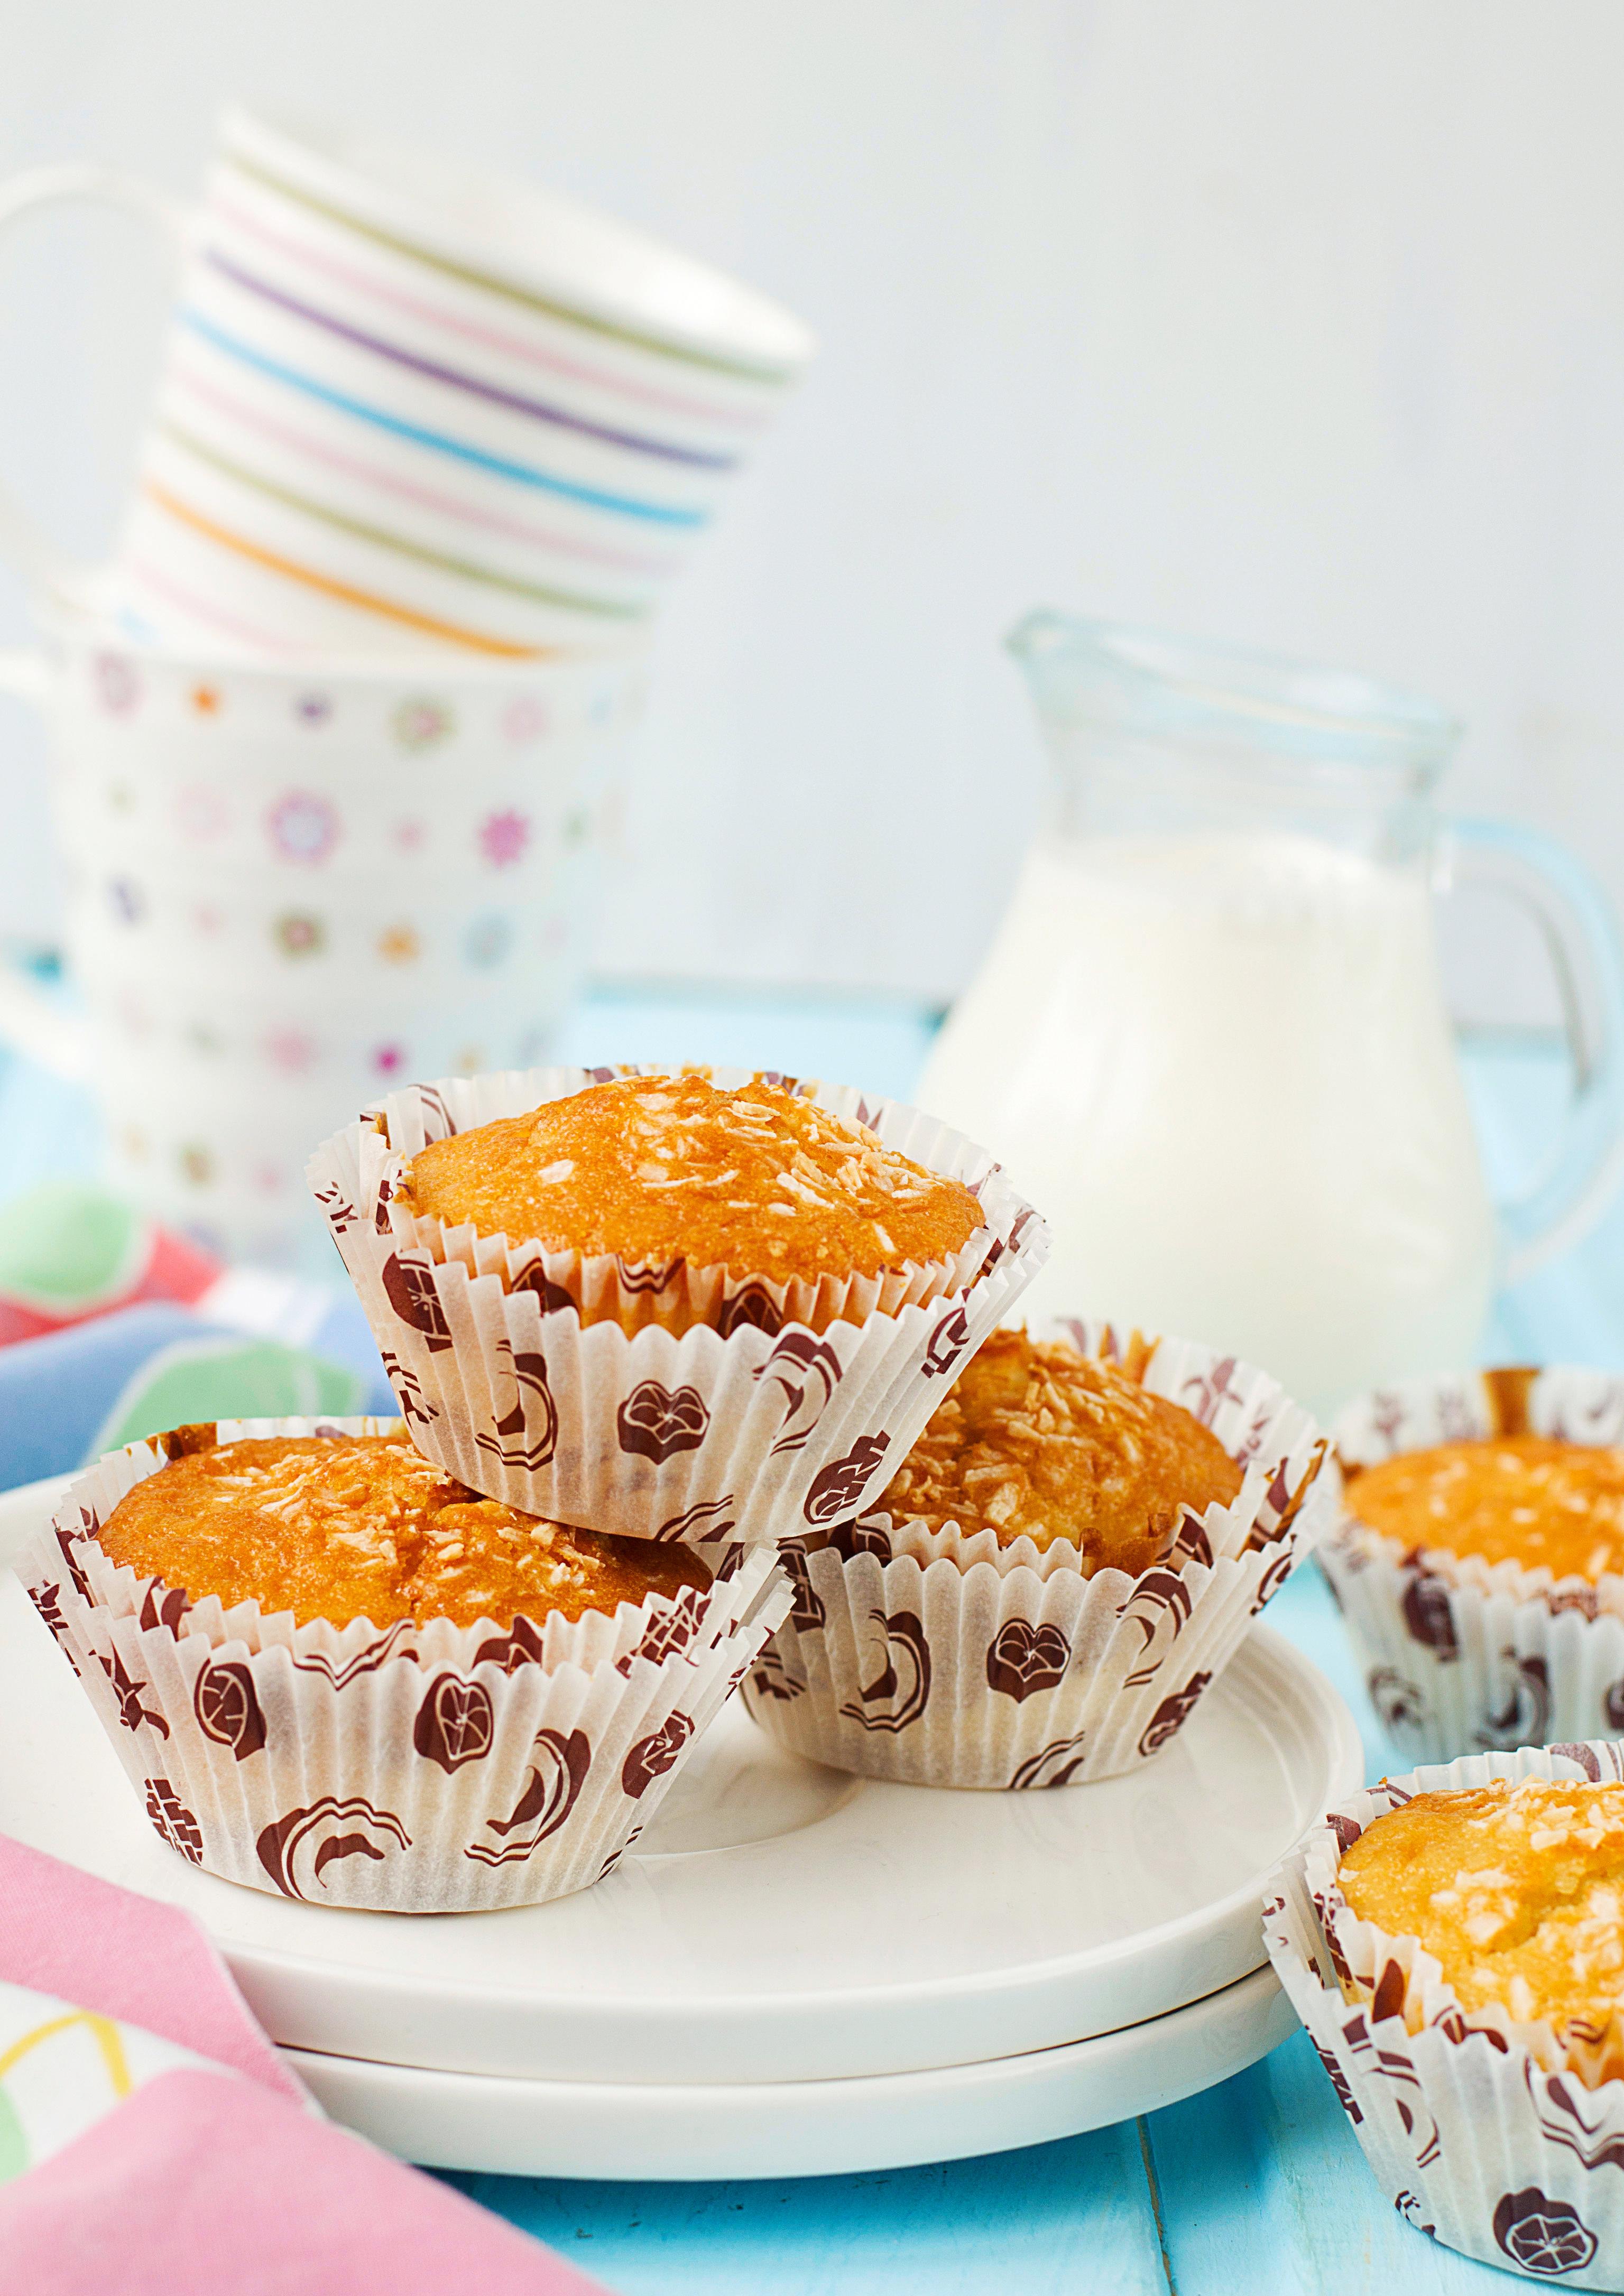 muffins ananas coco des petits gateaux exotiques d licieux les recettes de cuisine et mets. Black Bedroom Furniture Sets. Home Design Ideas